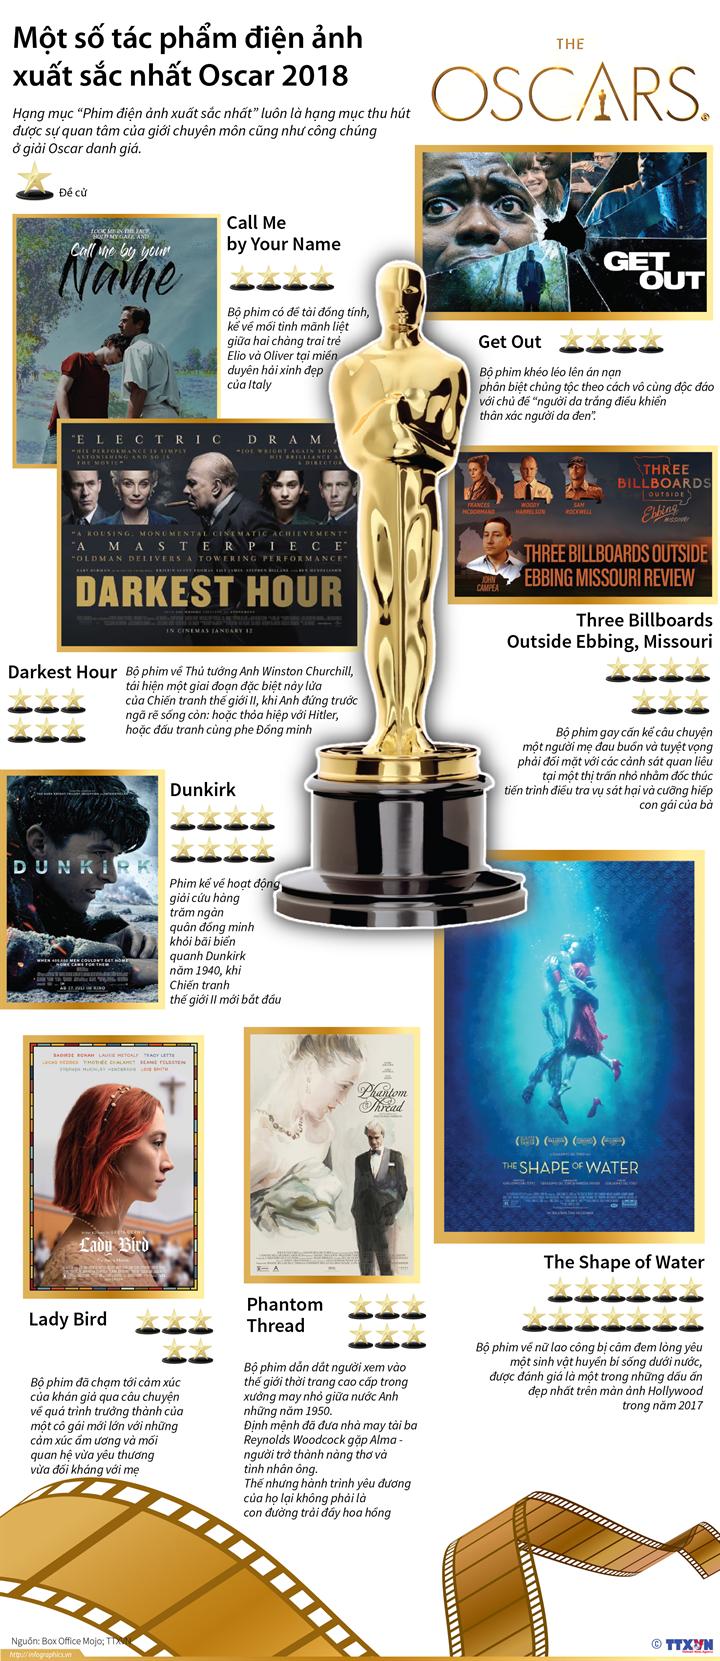 Một số tác phẩm điện ảnh xuất sắc nhất Oscar 2018